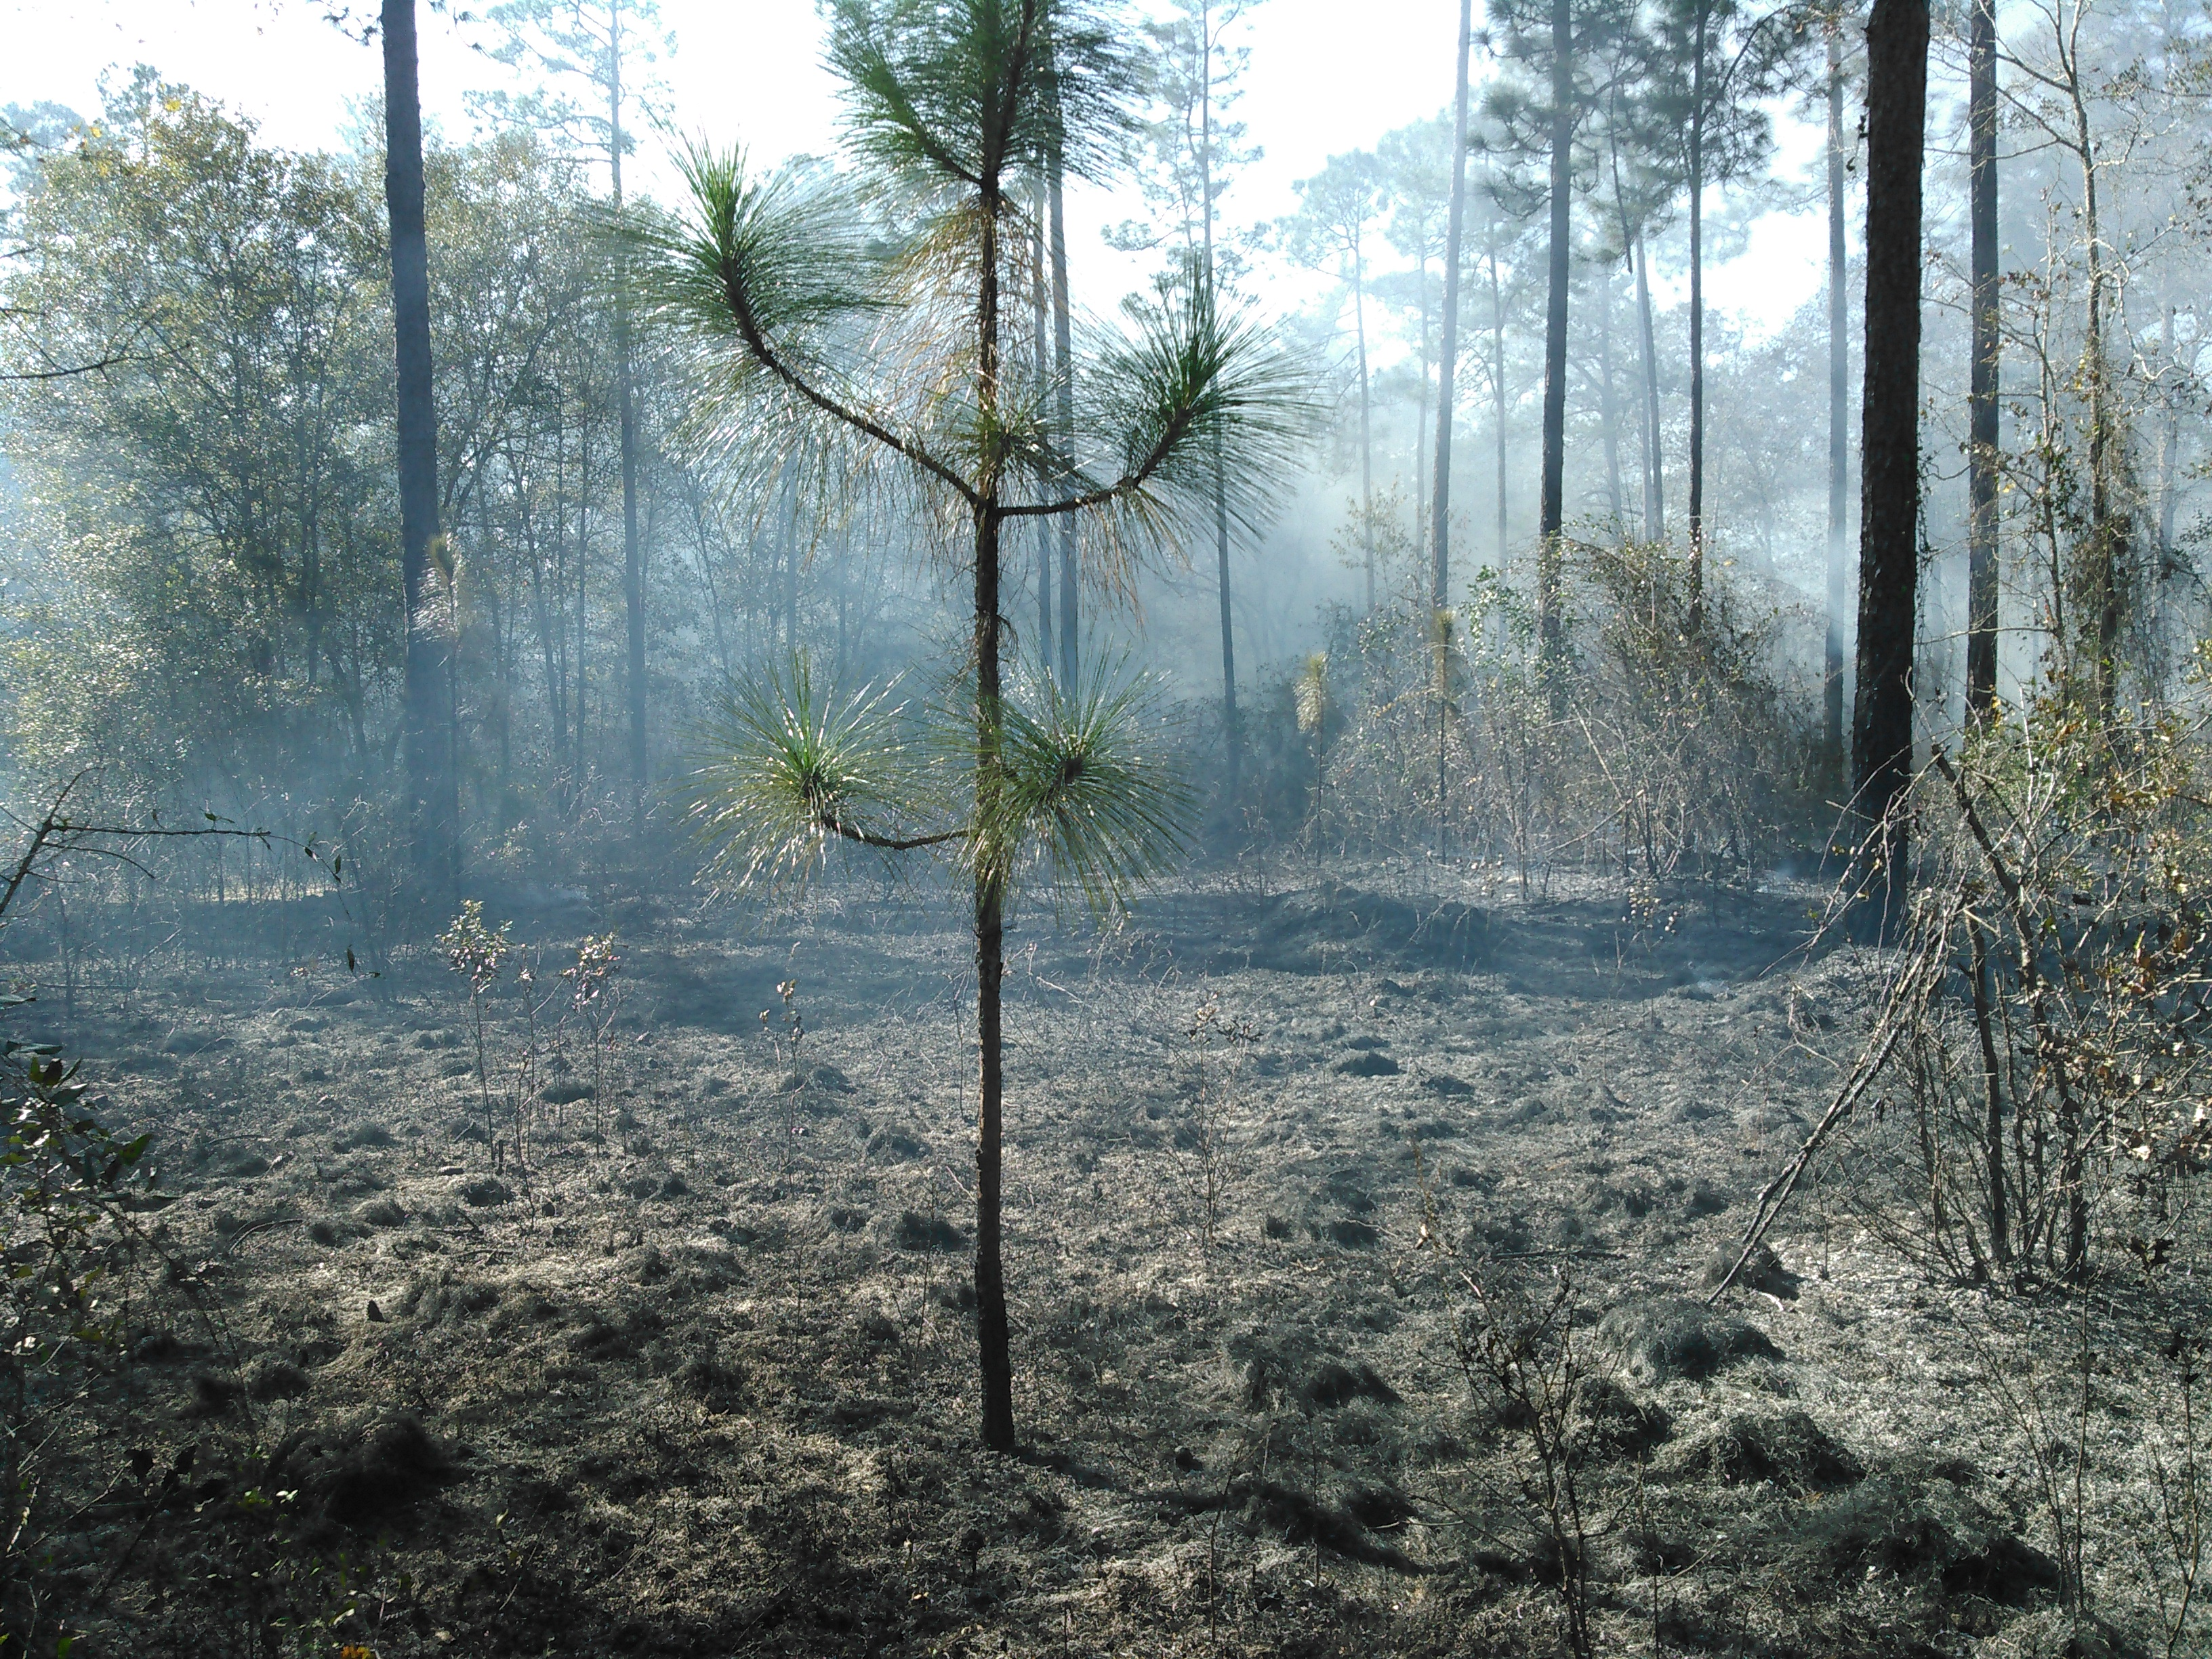 3264x2448 Longleaf near and far, in Prescribed burn, by John S. Quarterman, for OkraParadiseFarms.com, 5 December 2015